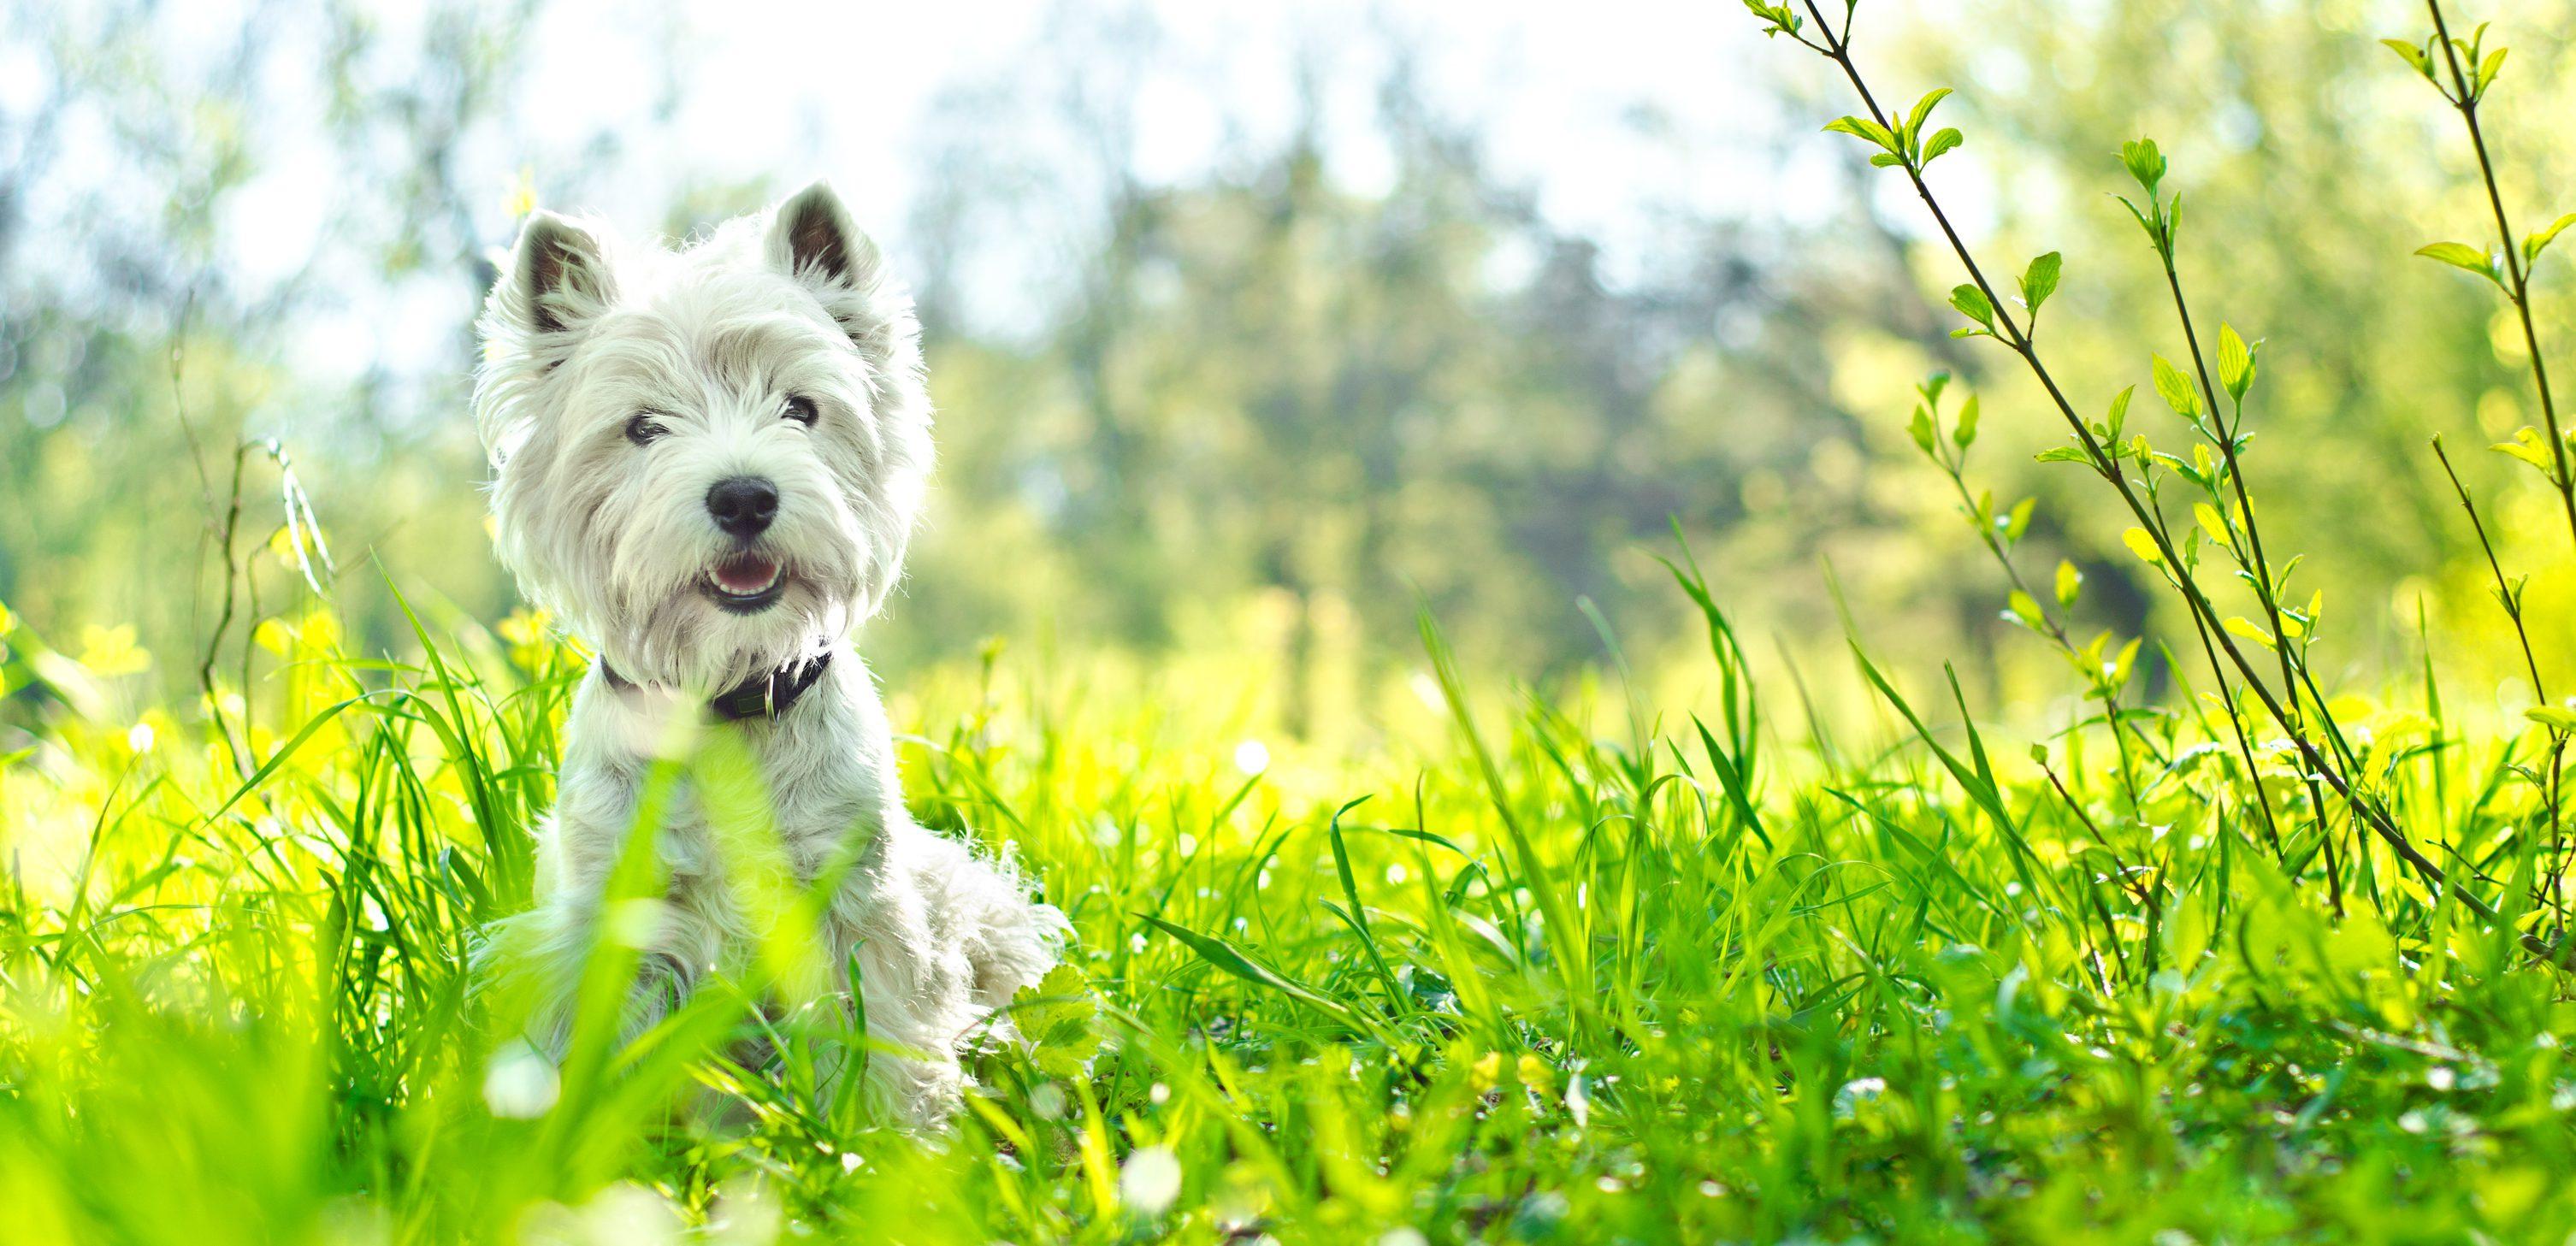 5 ways to help your dog's dry skin - dorwest